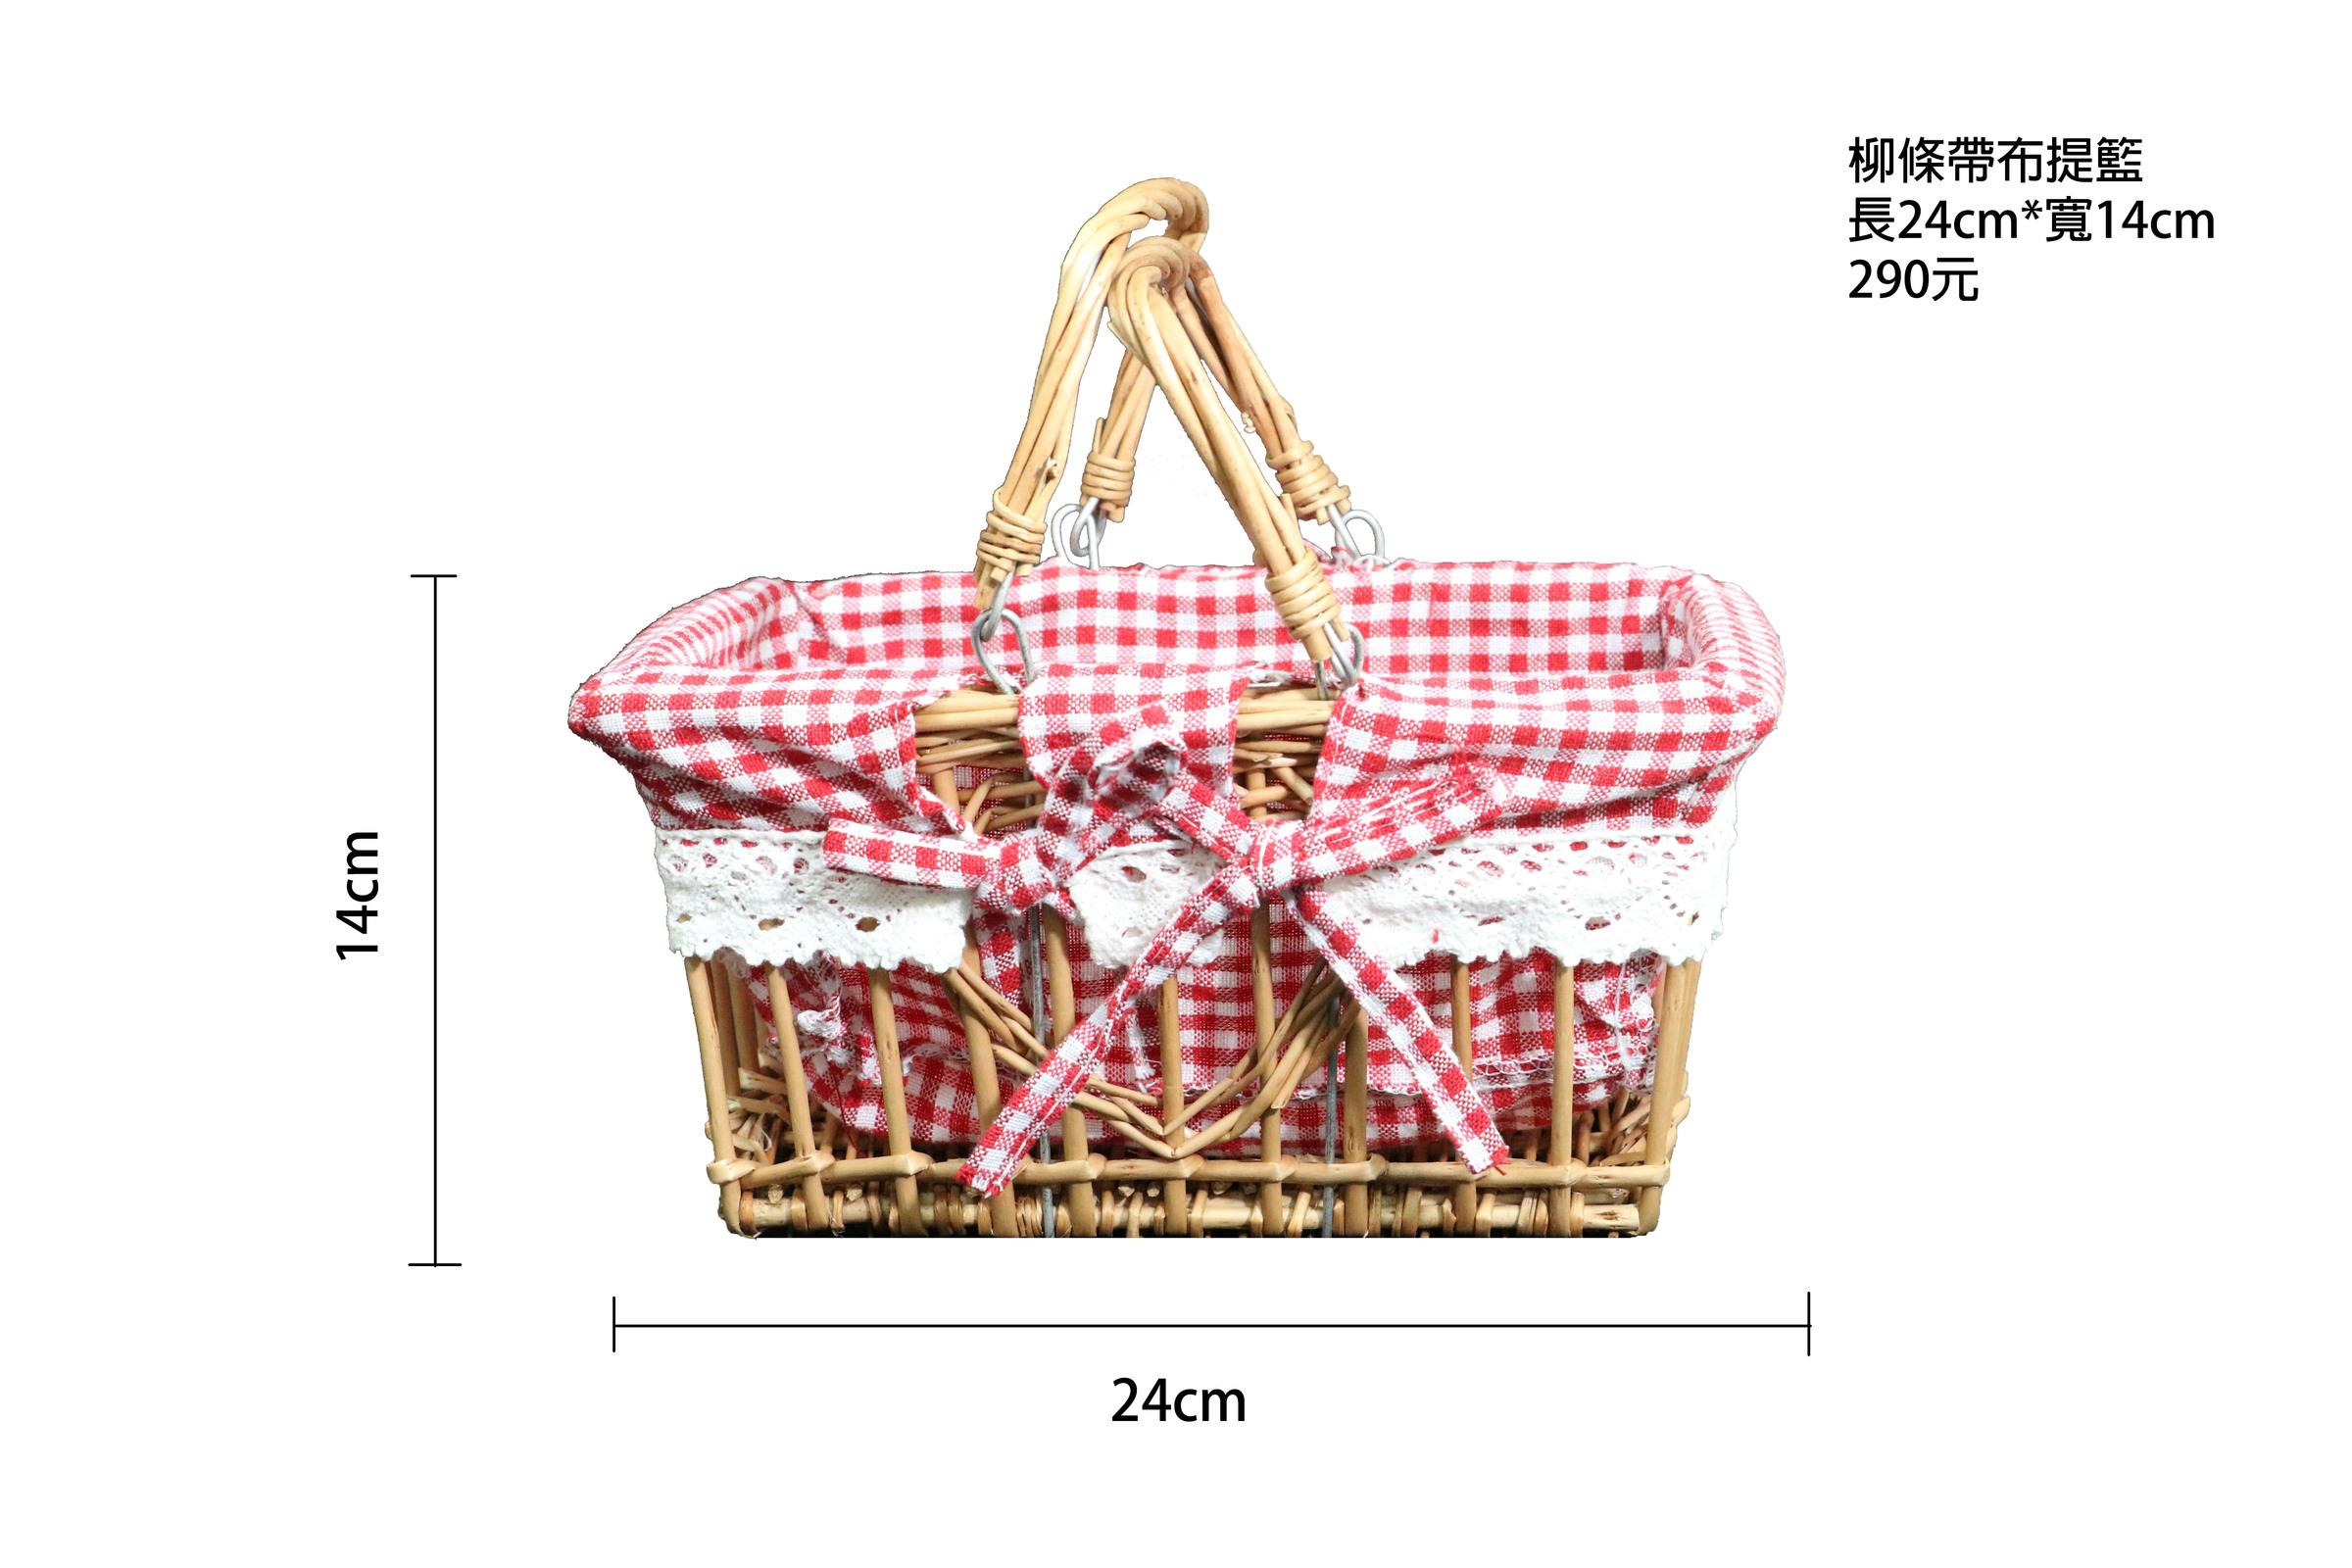 柳條帶布提籃3.jpg